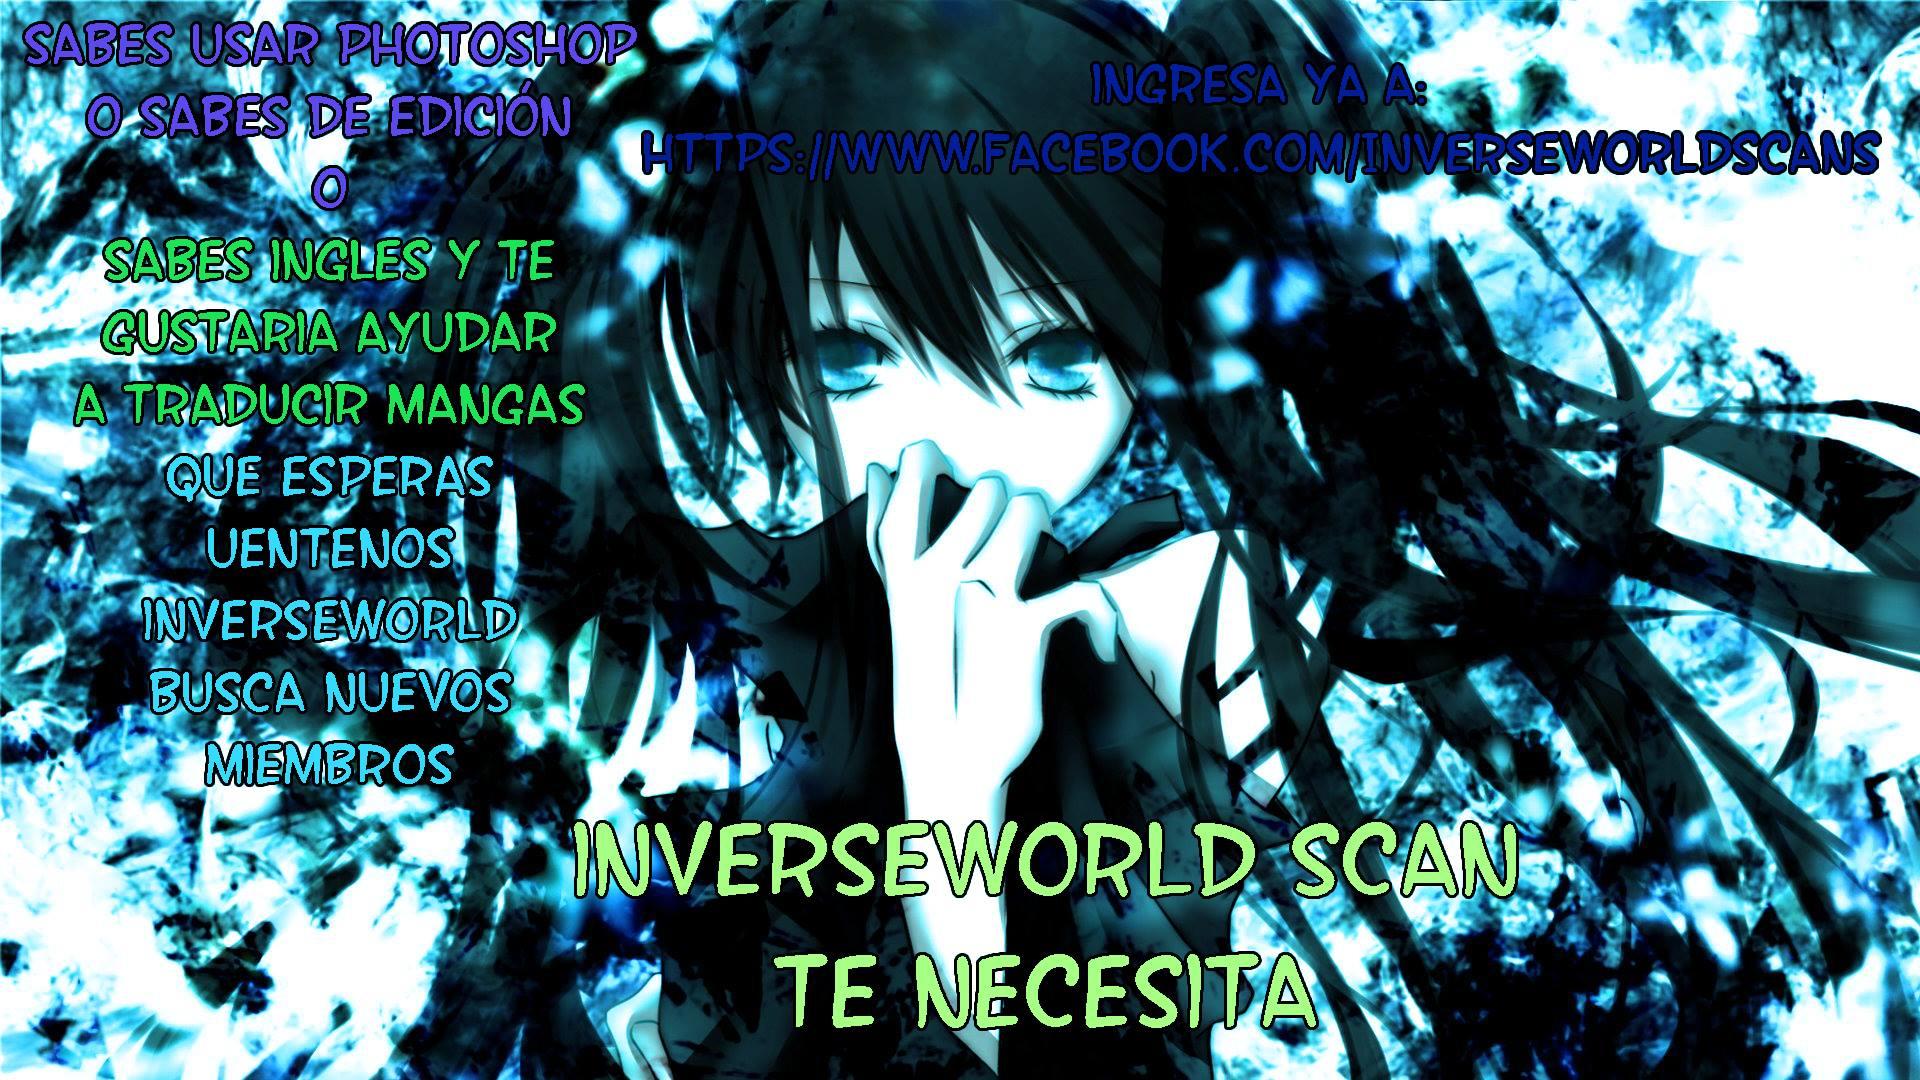 http://c5.ninemanga.com/es_manga/18/16210/415308/dea9a62e511f0f63d7b73e2553b7269e.jpg Page 1